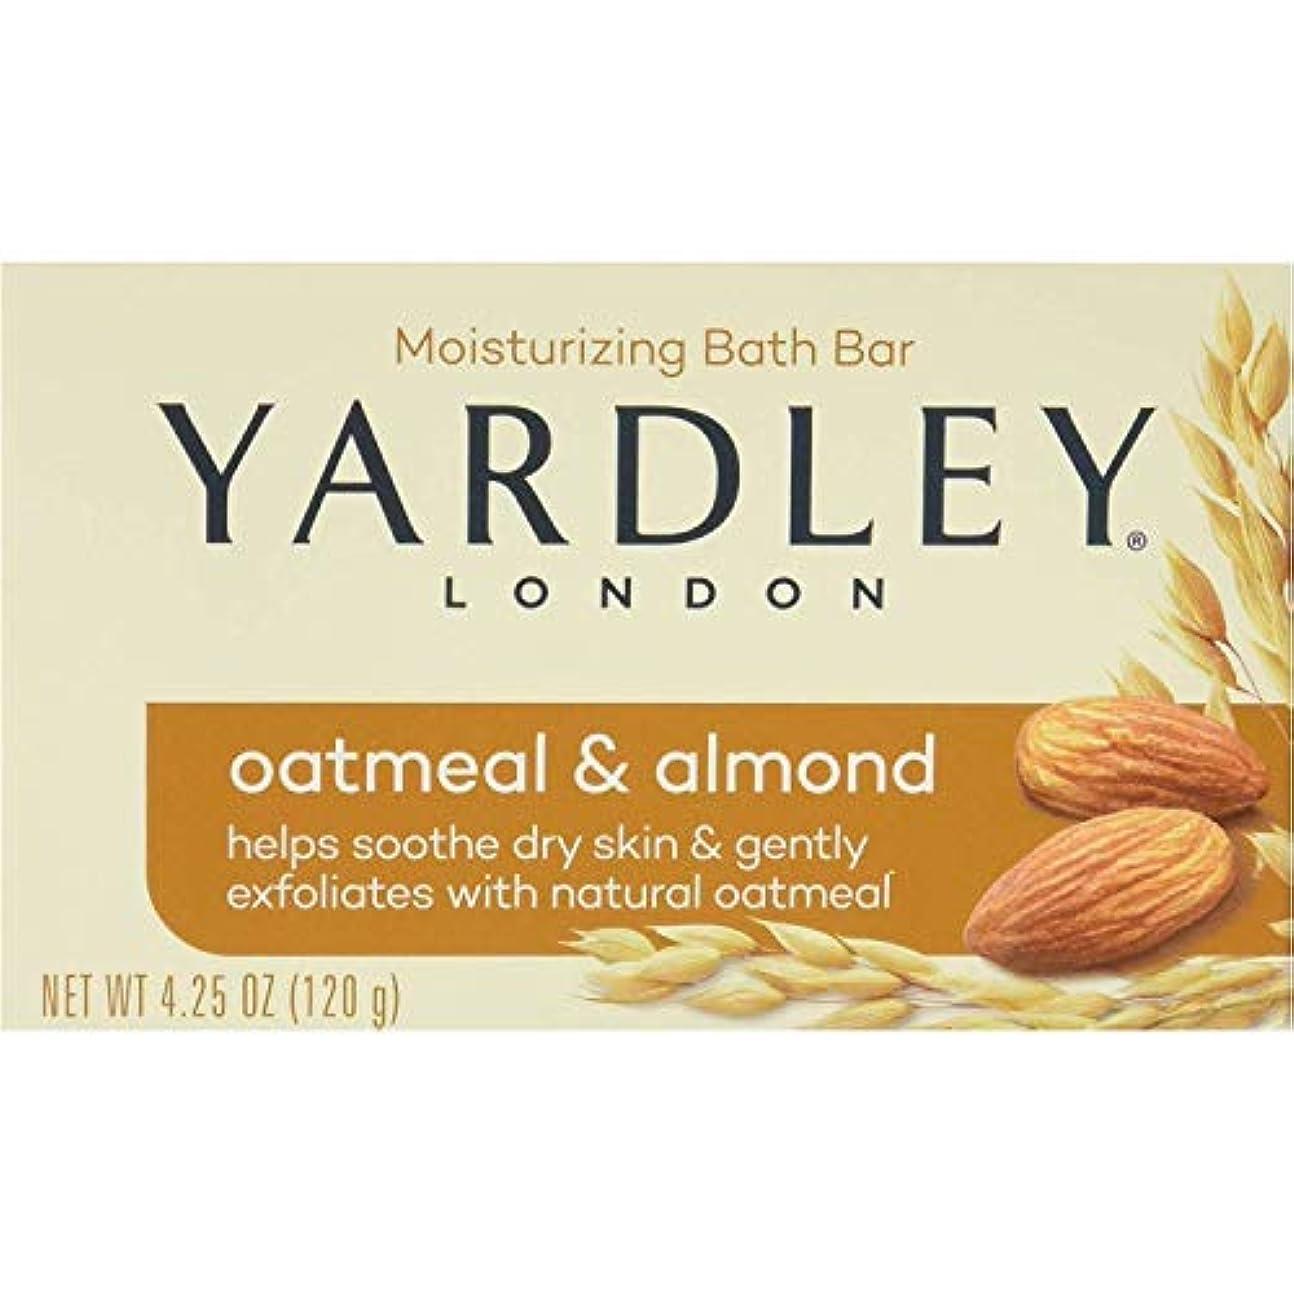 品揃え添加剤蜜Yardley オートミールとアーモンド石鹸、4.25オズ。 20本のバー